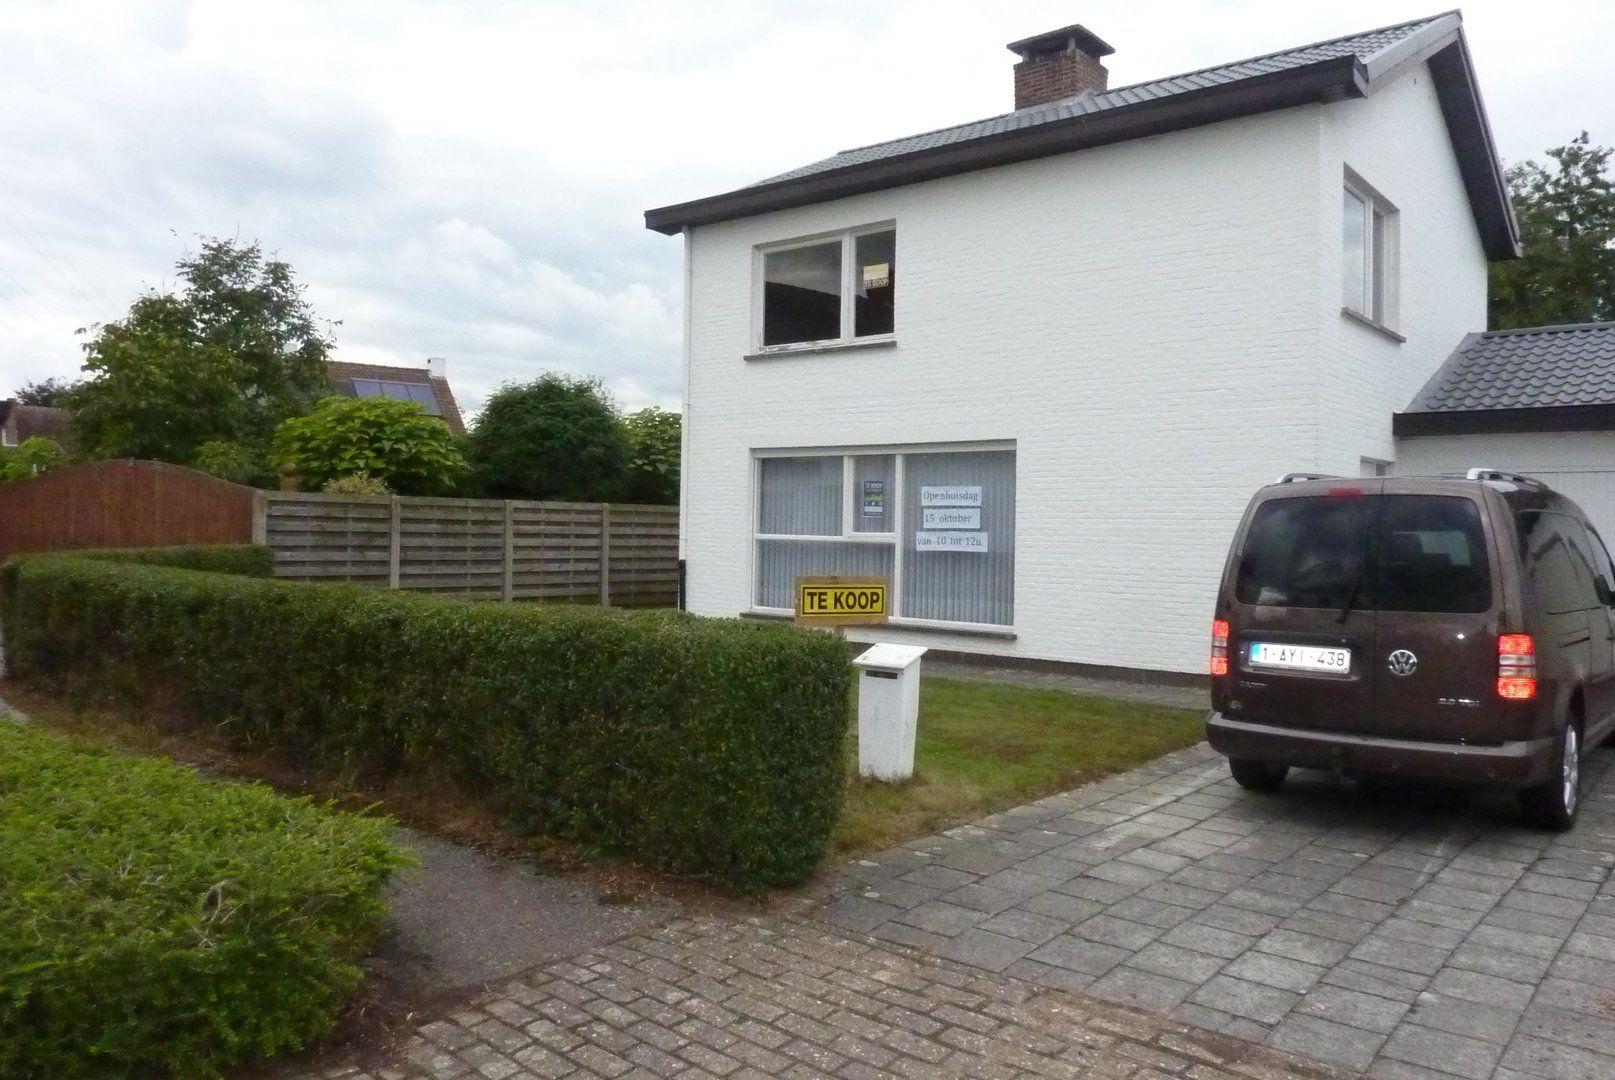 Huis te koop : Leeuwerikstraat 22, 2300 Turnhout op Realo